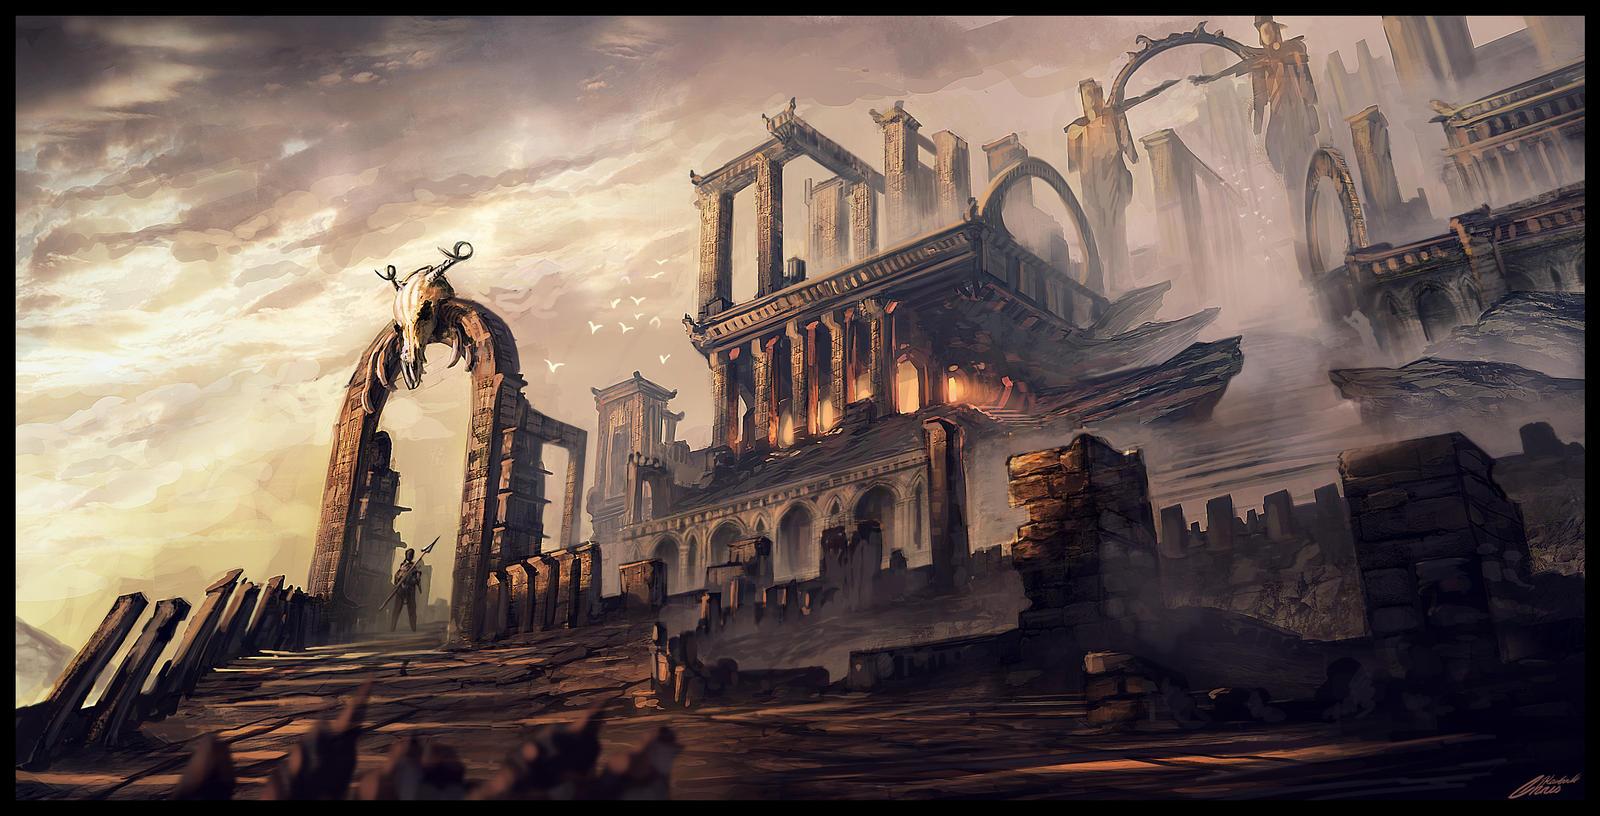 mystical_ruins_by_chris_karbach-d7149r4.